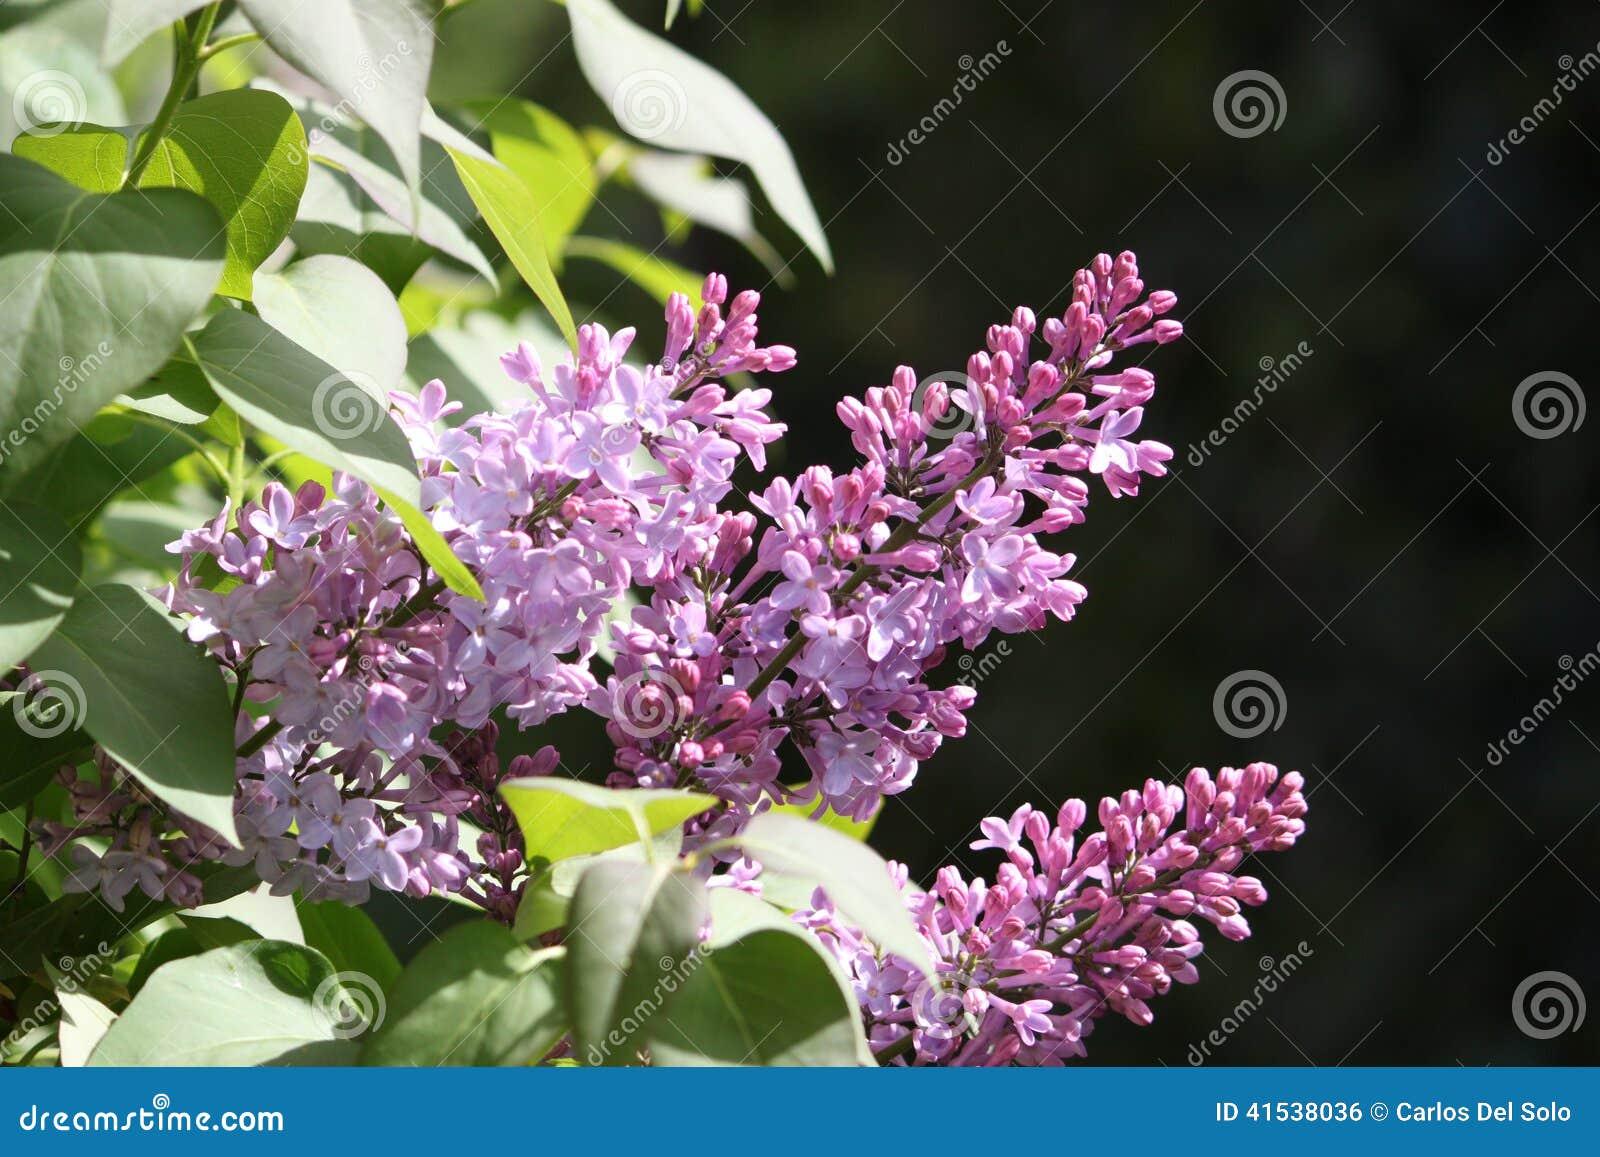 Flores de lilo stock photo image 41538036 - Plantas de hojas verdes ...